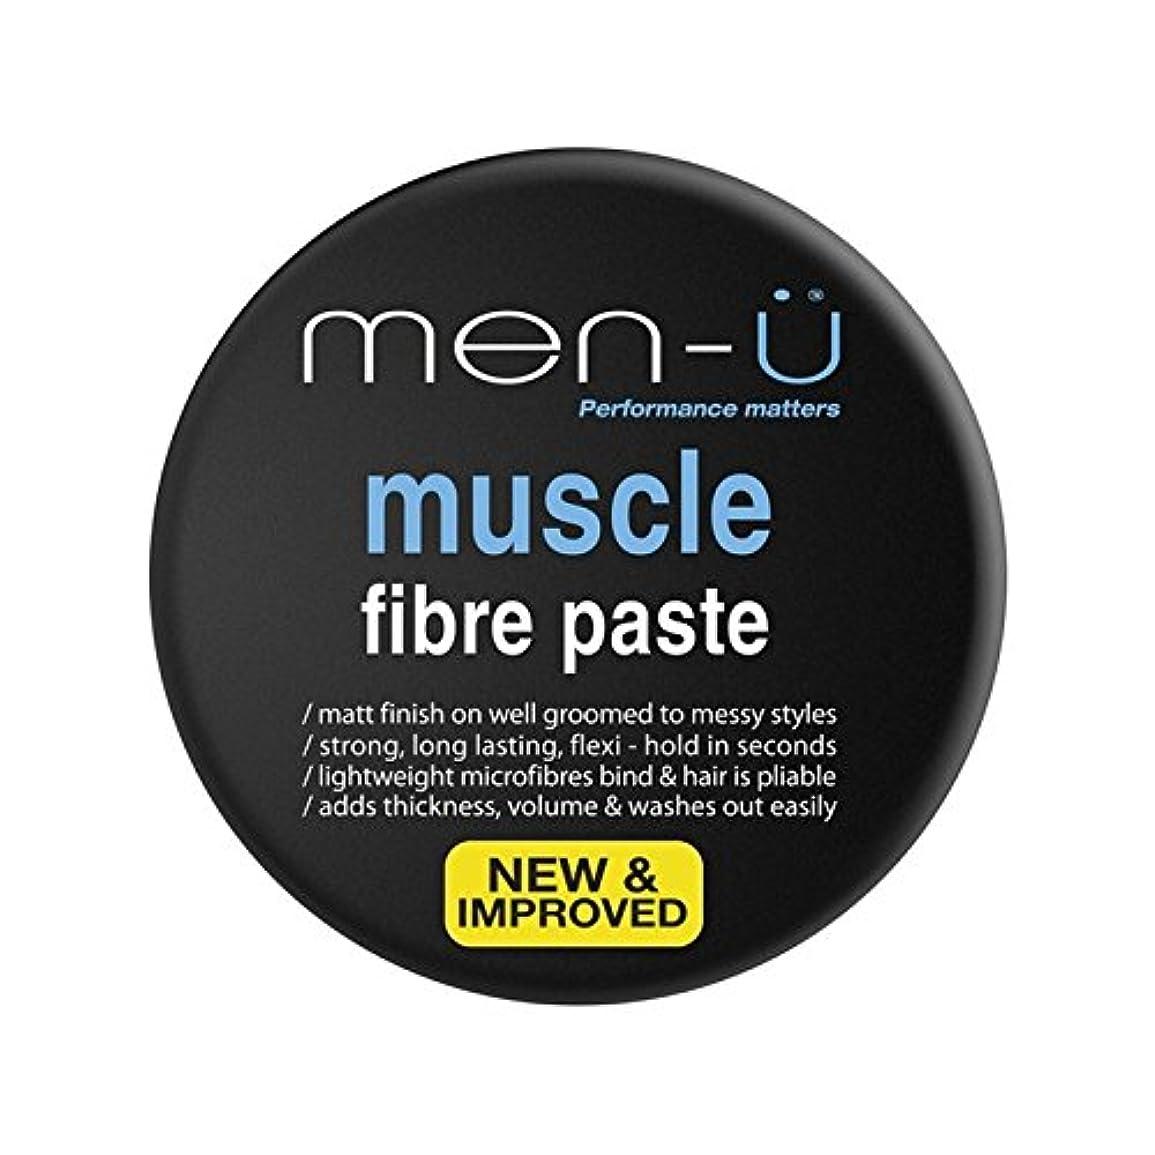 痴漢征服する例示するMen-? Muscle Fibre Paste (100ml) (Pack of 6) - 男性-?筋線維ペースト(100ミリリットル) x6 [並行輸入品]